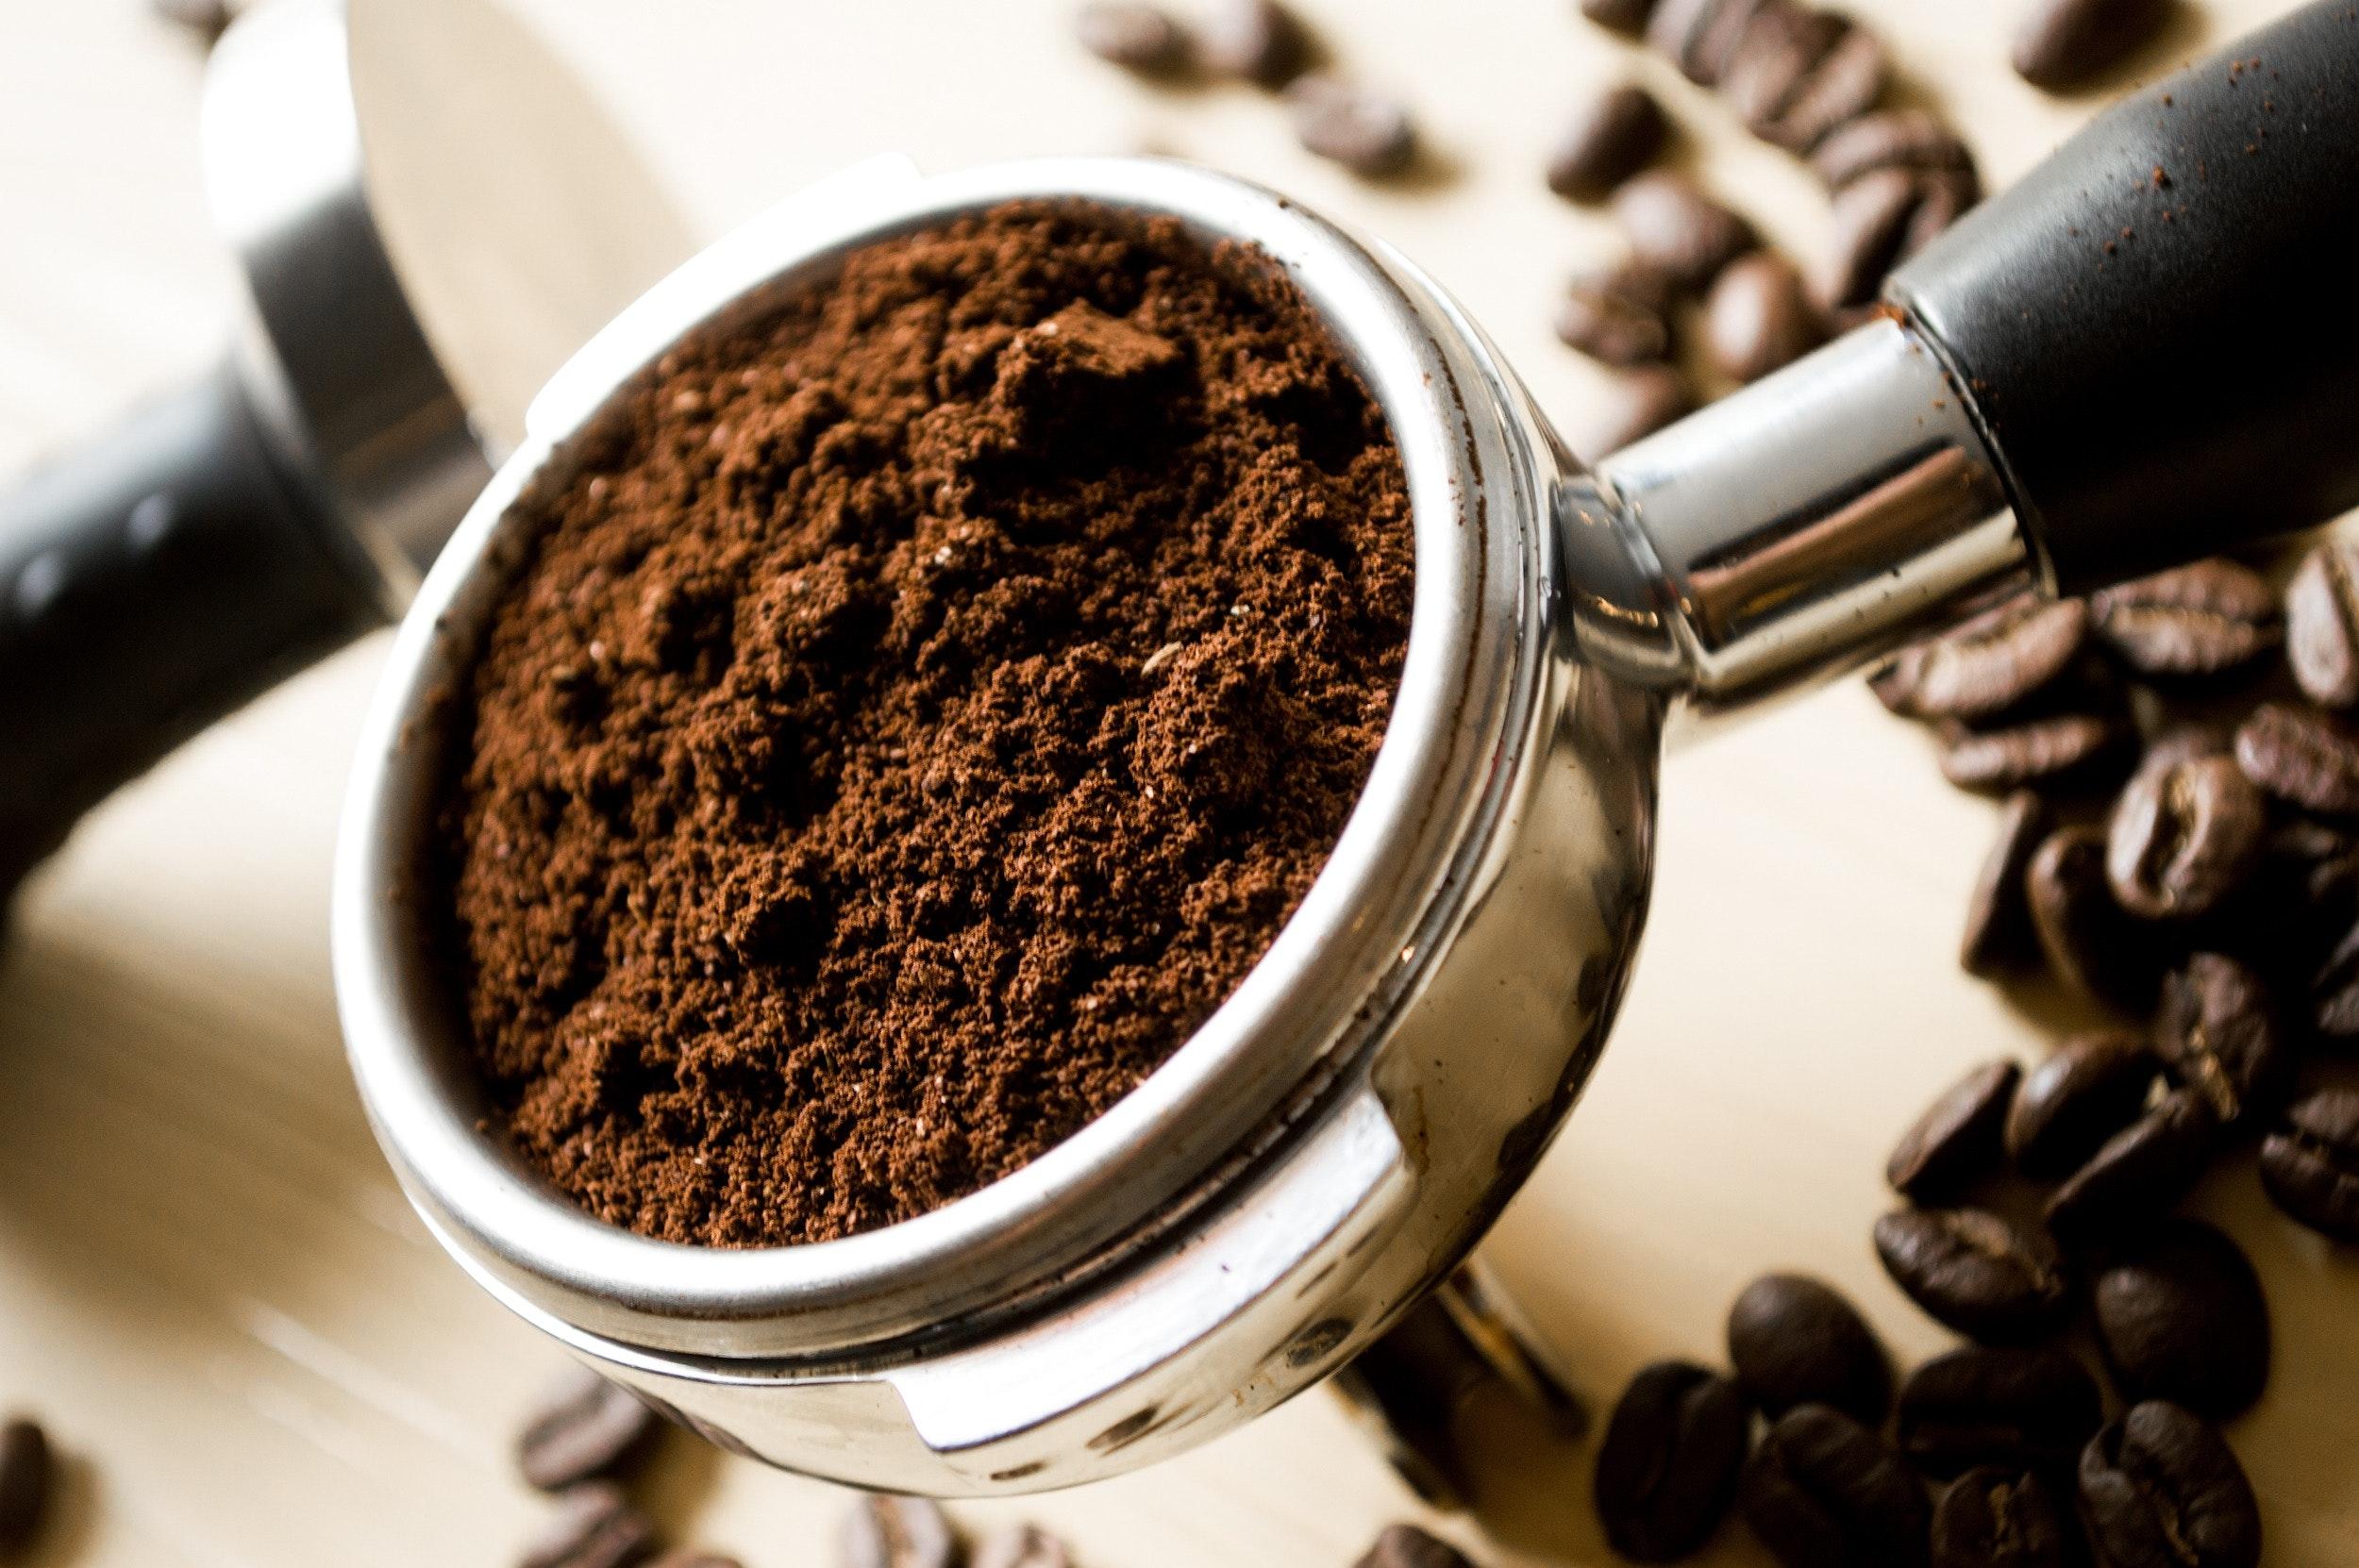 beans-brew-caffeine-2061